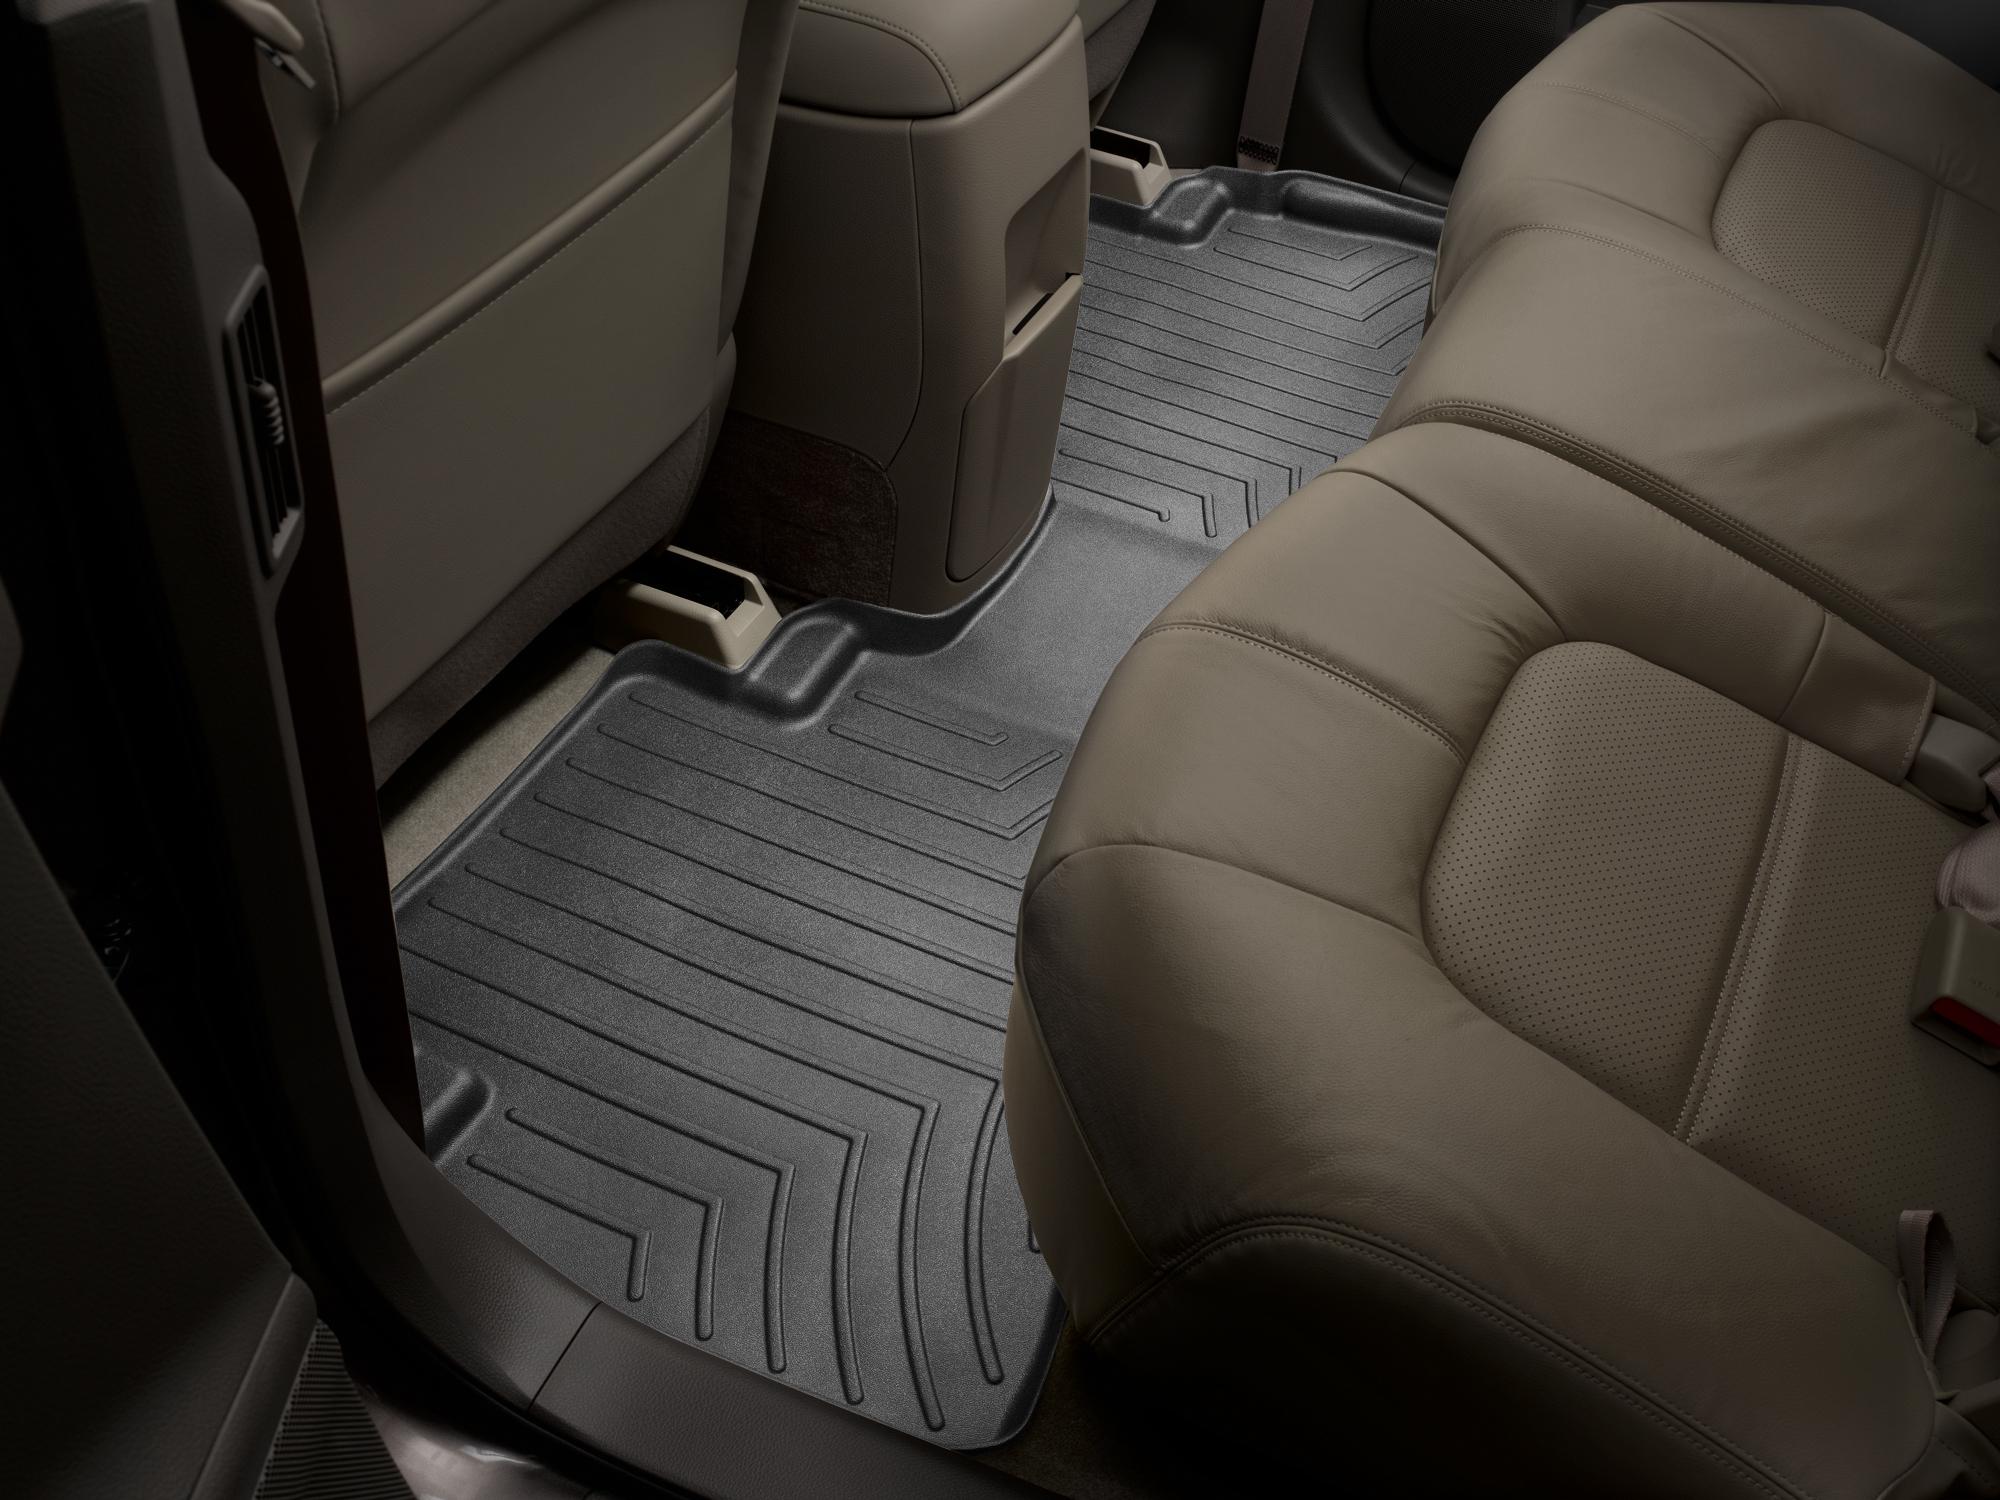 Tappeti gomma su misura bordo alto Nissan Murano 08>14 Nero A2892